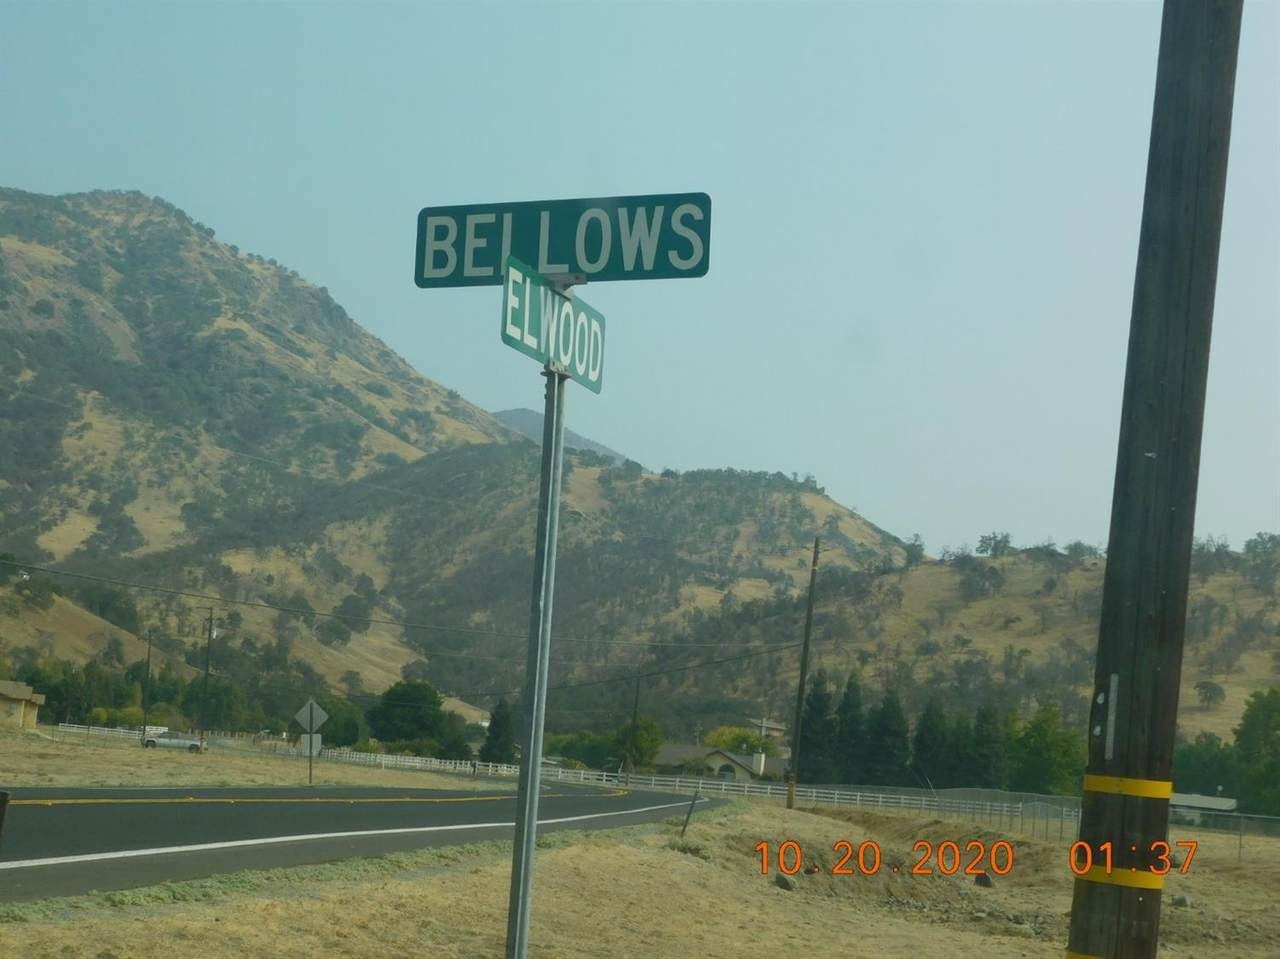 0 Bellows Dr. - Photo 1